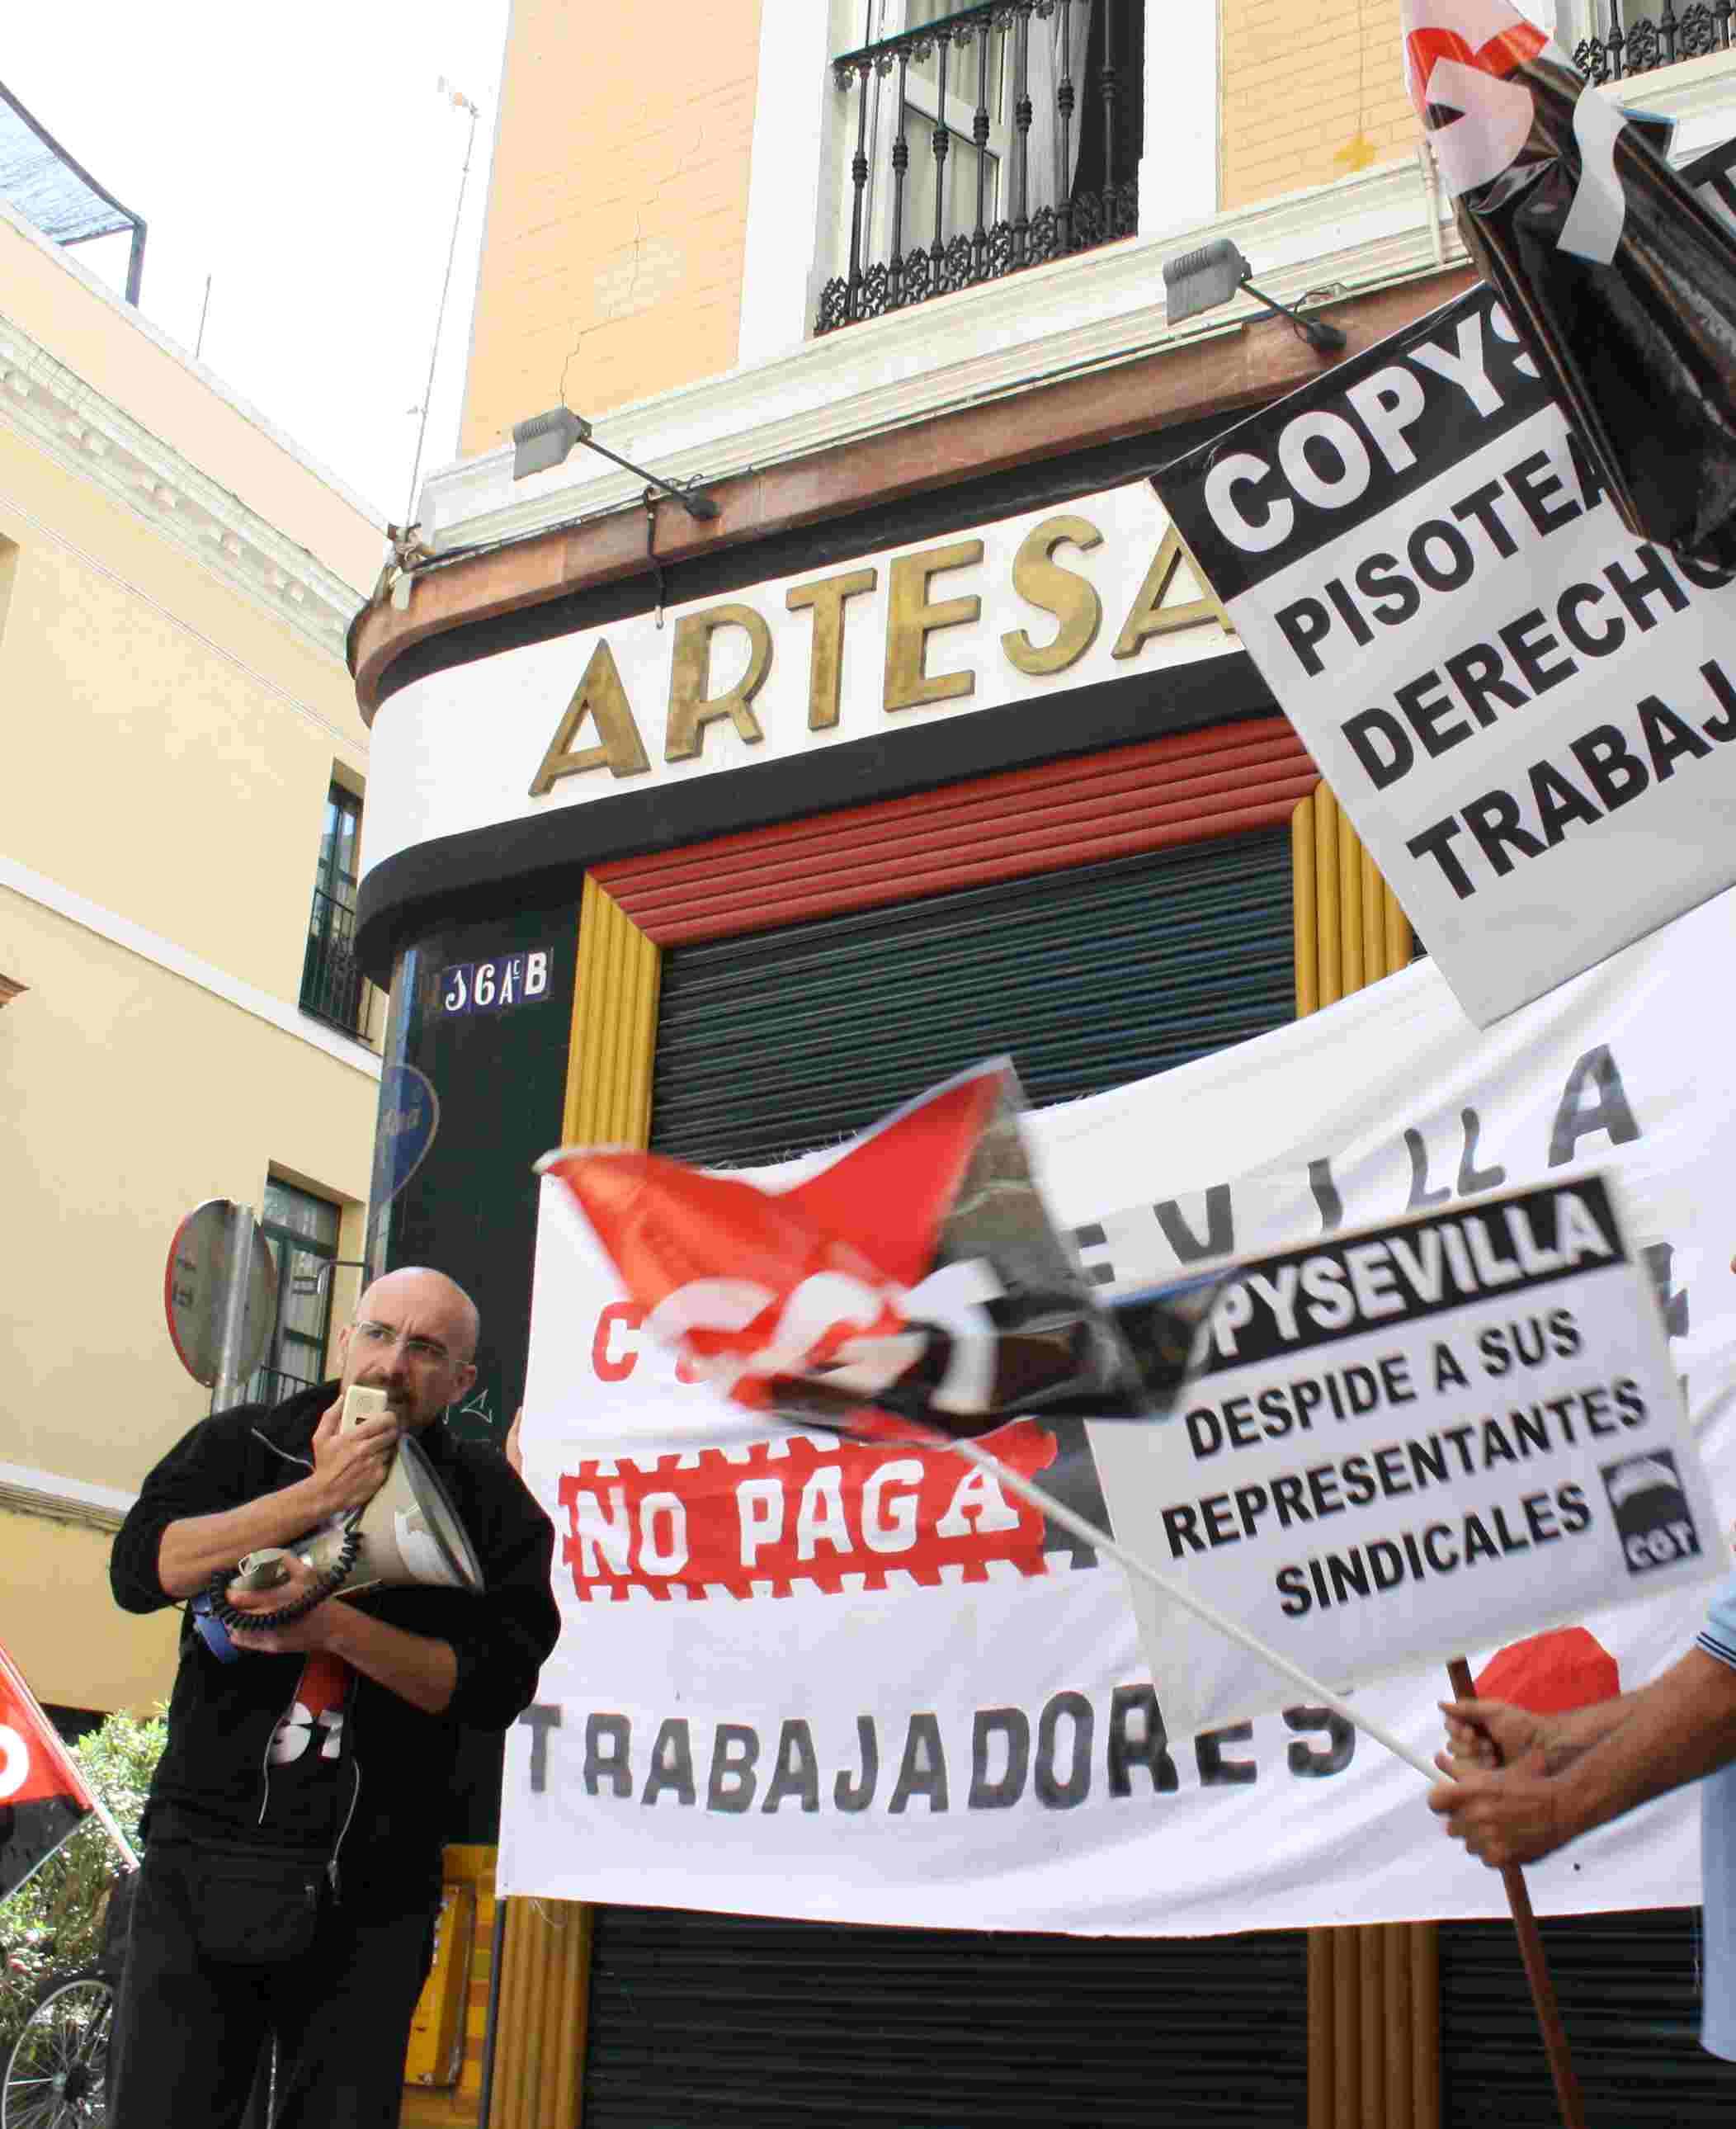 Amaranta Ruiz Culo copysevilla: ere, despidos, chanchullos empresariales y